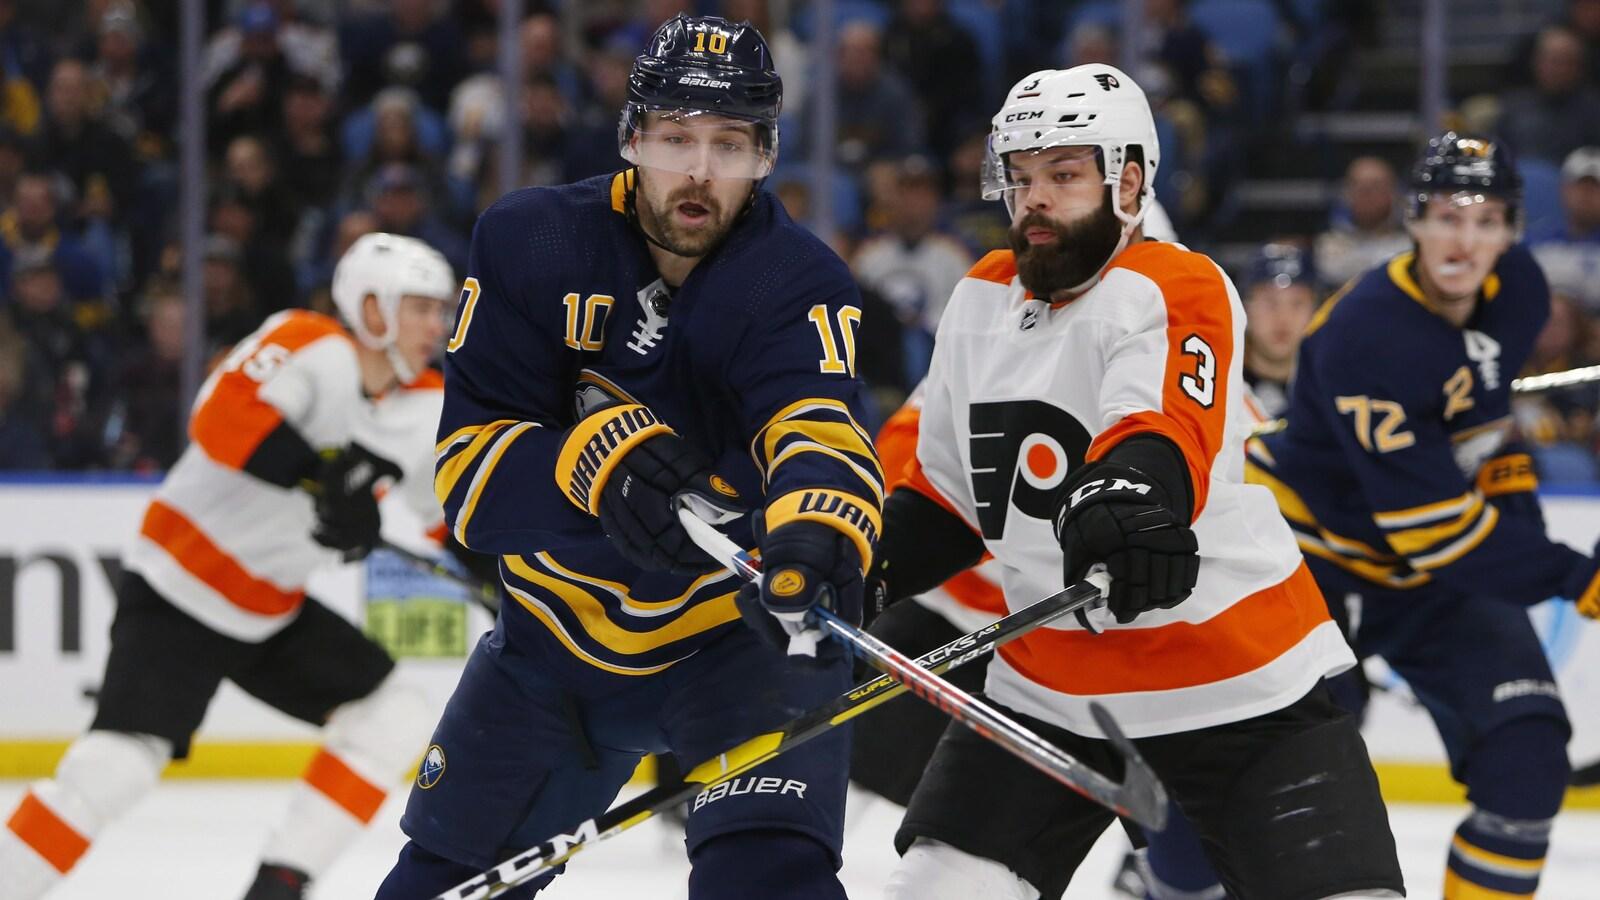 Patrik Berglund tient le bâton de Radko Gudas en échec pendant un match entre les Sabres et les Flyers de Philadelphie à Buffalo.